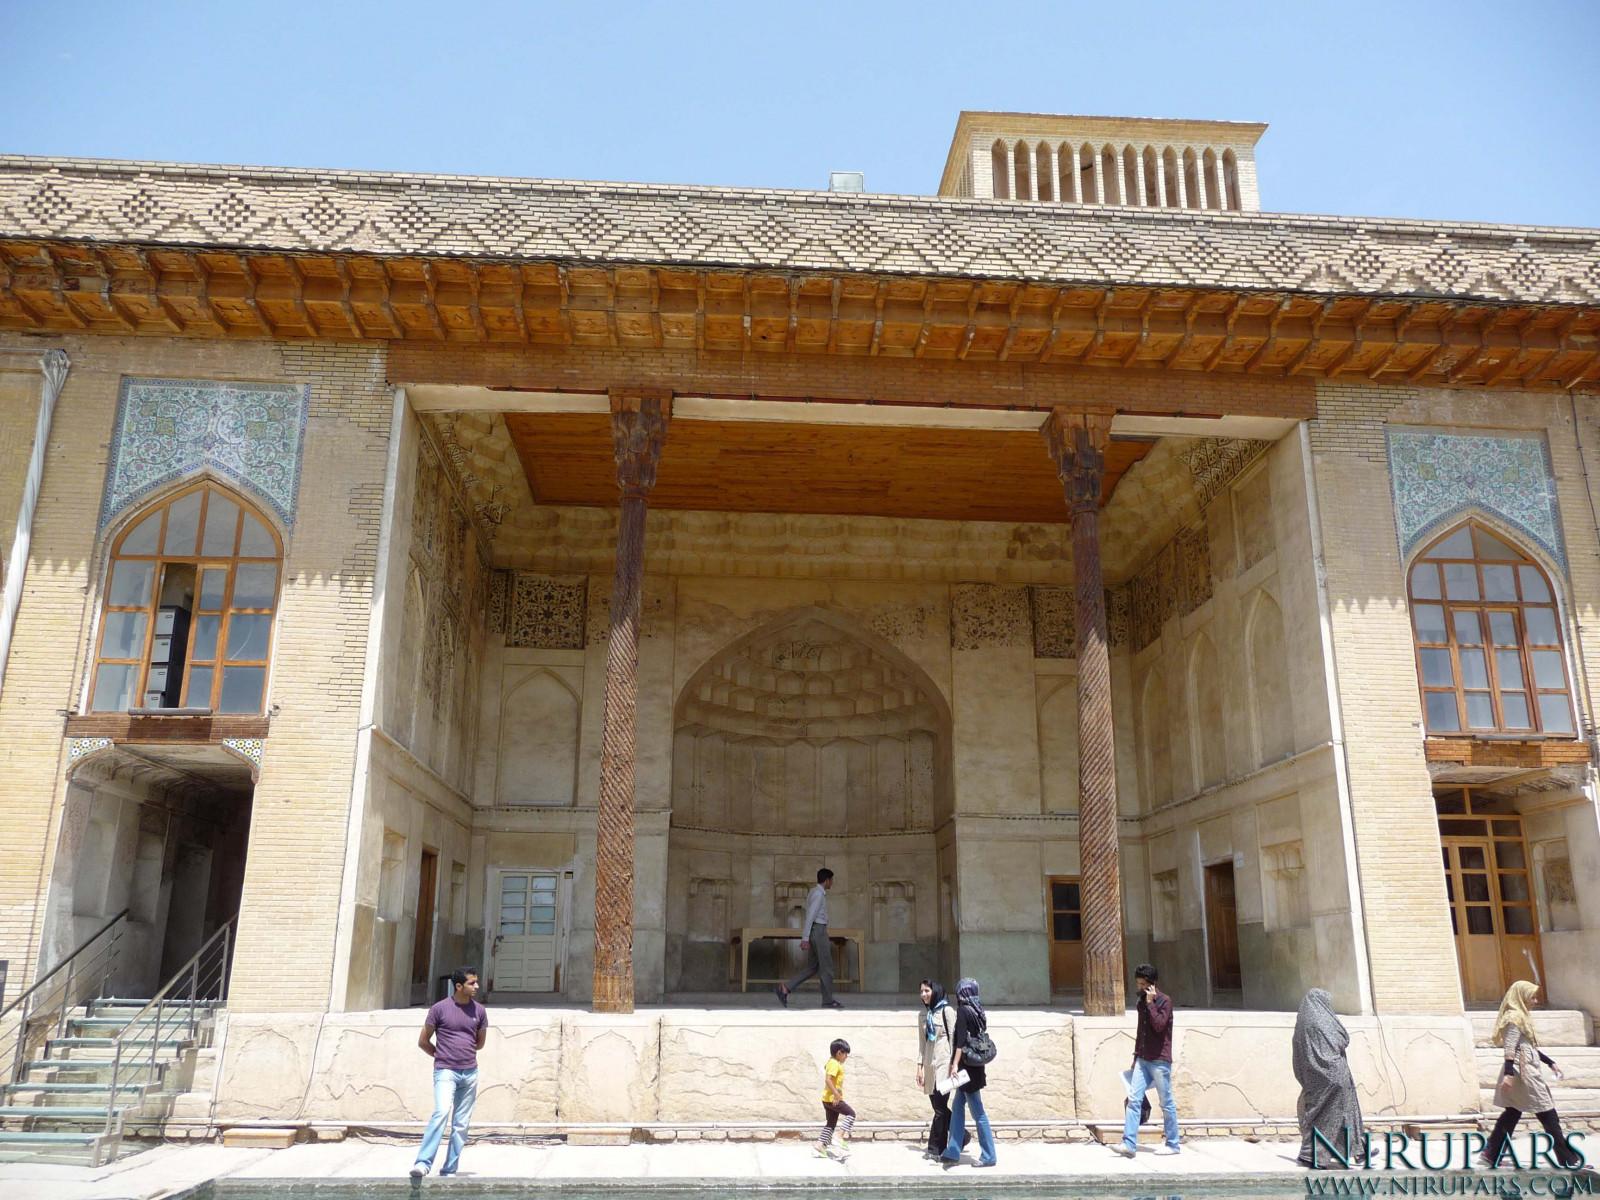 Arg-e Karim Khan - Pavilion